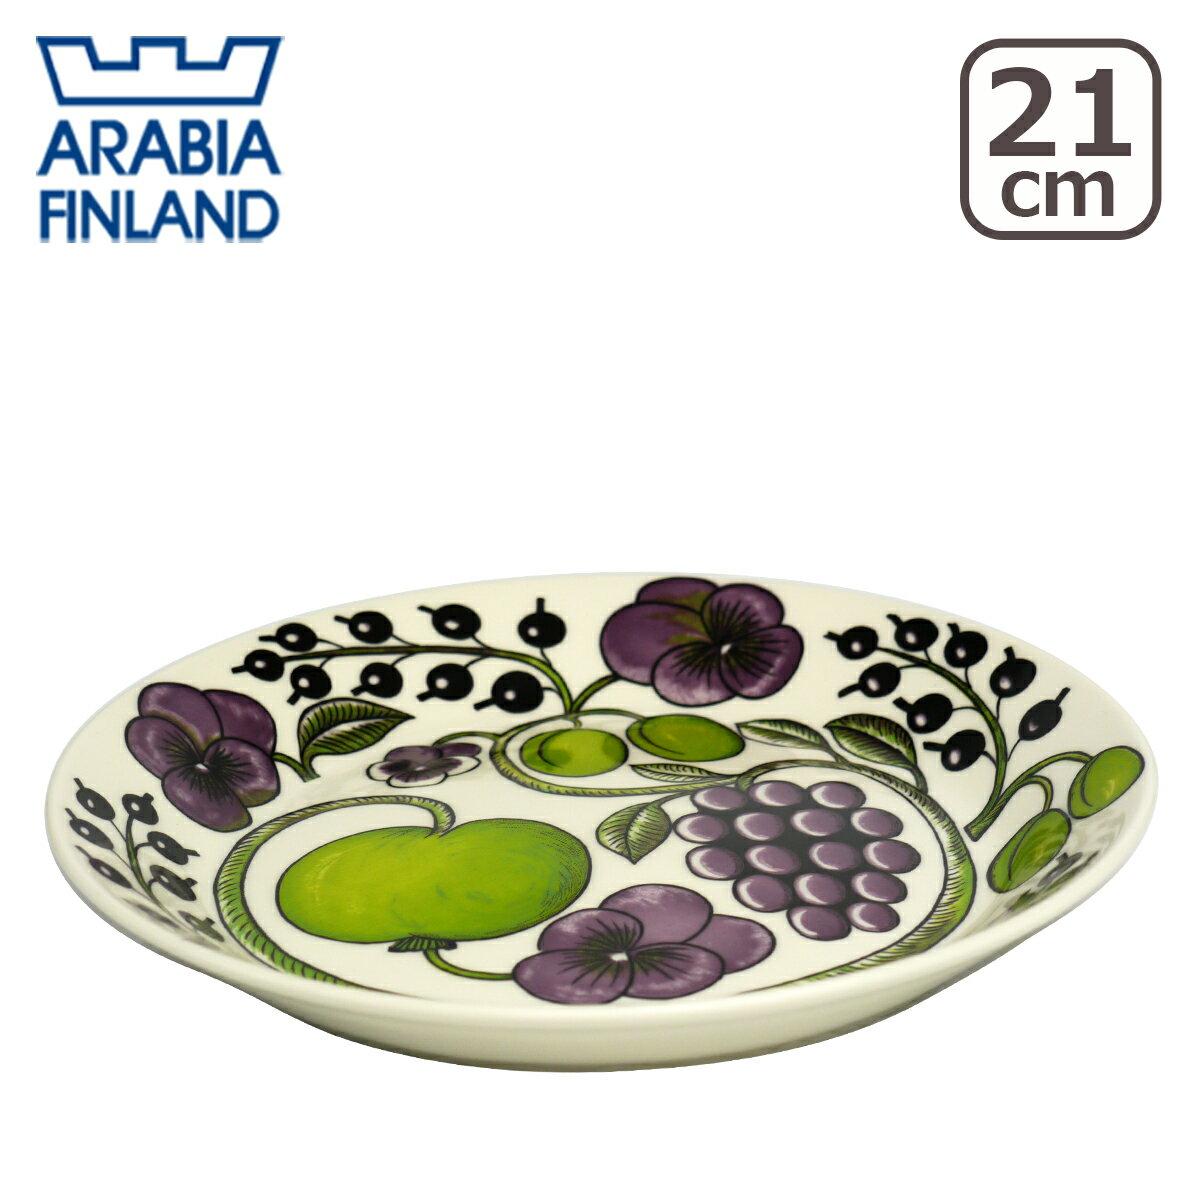 アラビア(Arabia) パラティッシ(Paratiisi) パープル 21cmプレート 北欧 フィンランド 食器 (Purple)